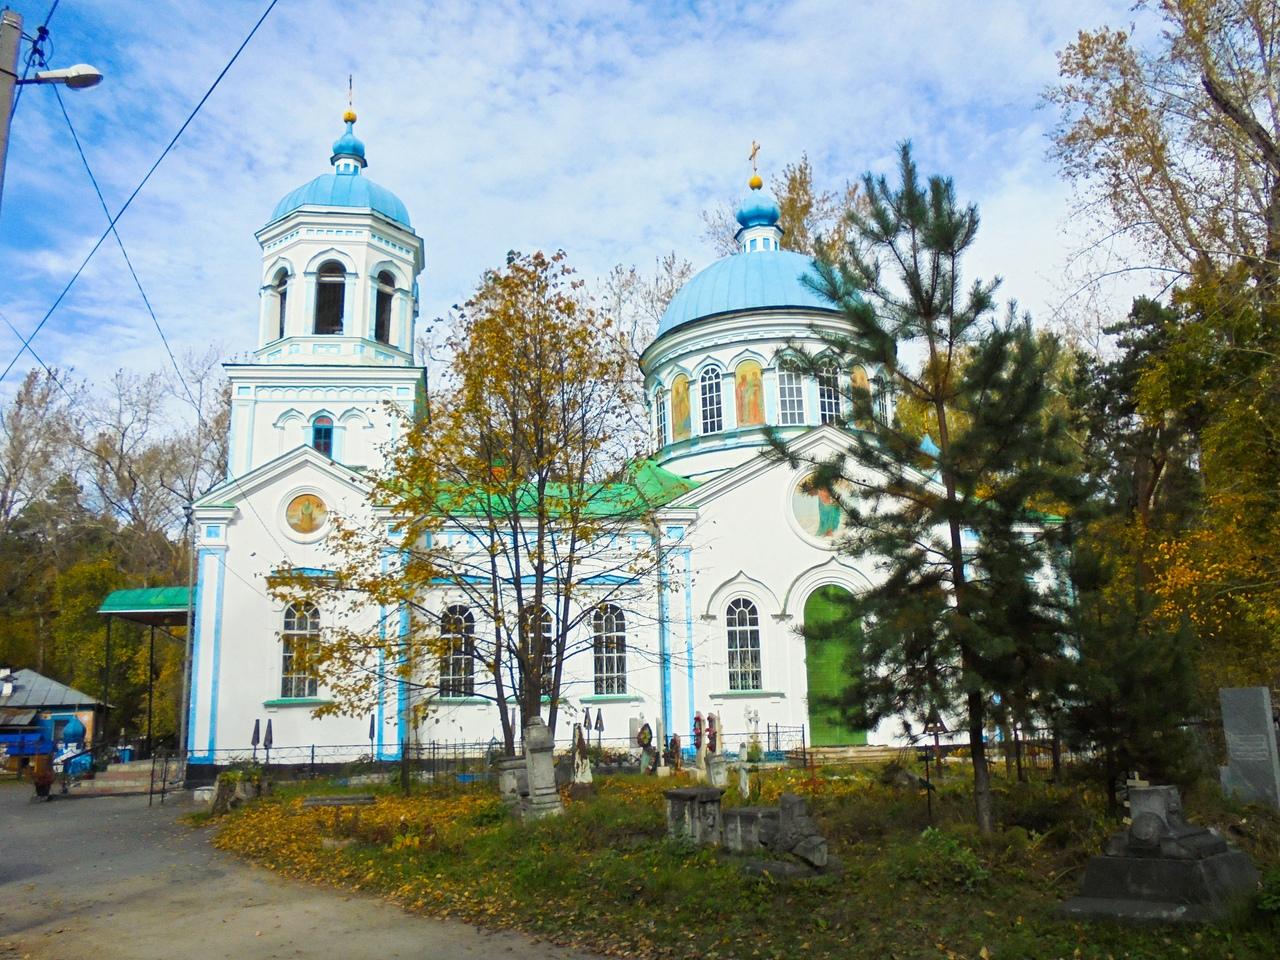 Воскресенская церковь, Шадринск, Курганская область